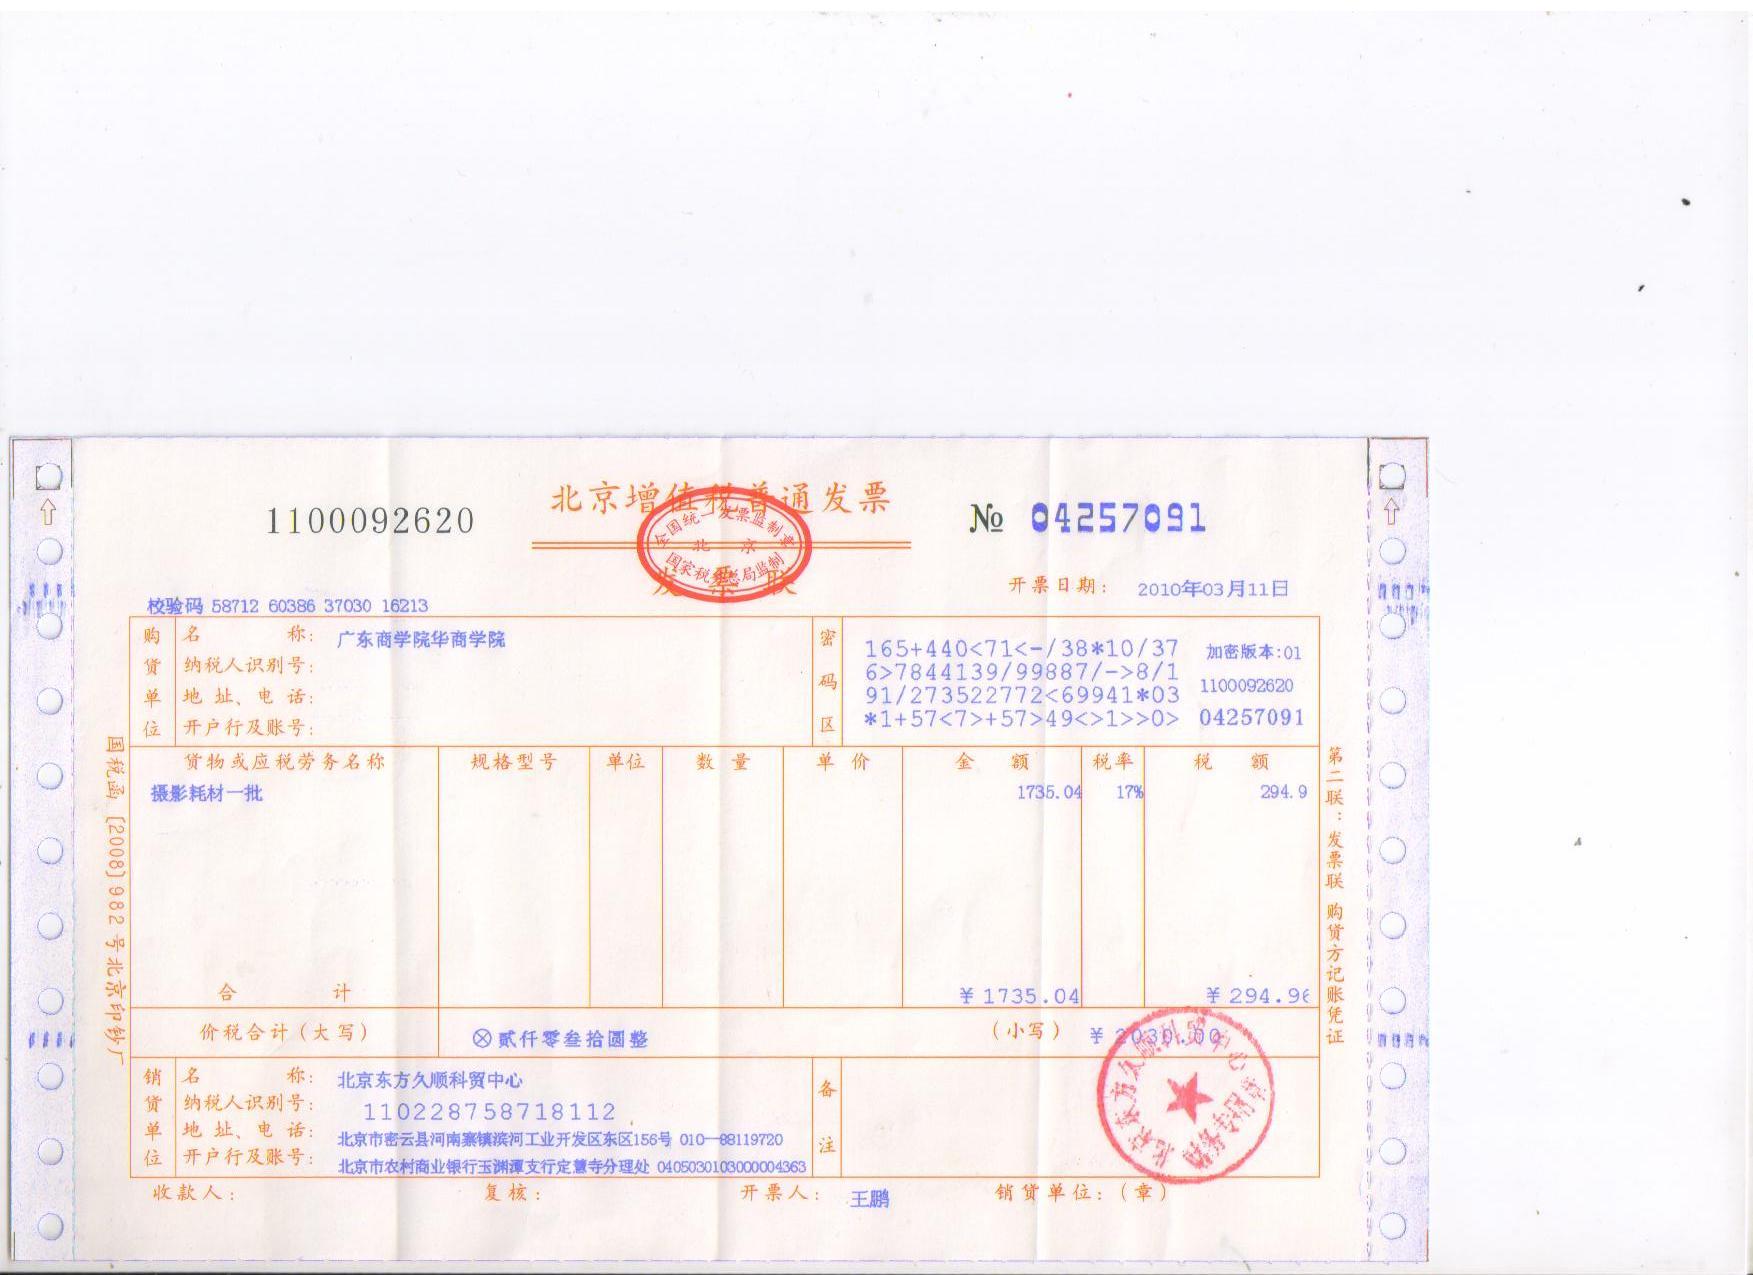 增值税�y�j:h��-+_宁波财政局增值税普通发票怎么查询